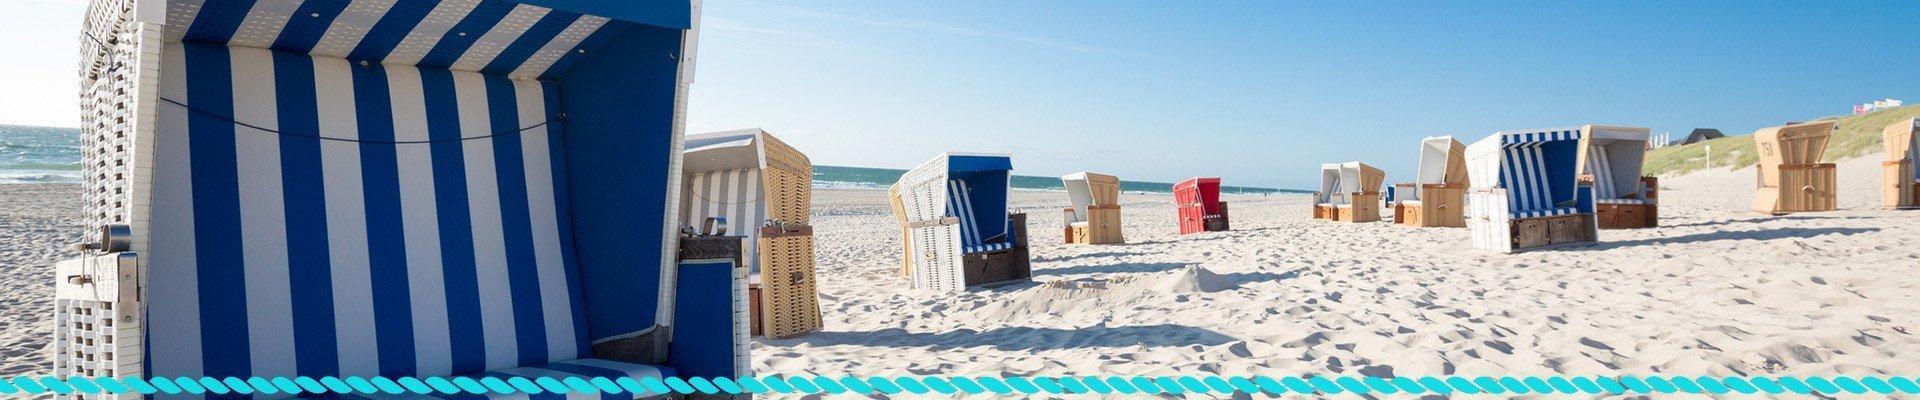 Leżaki i przybory plażowe nad morzem